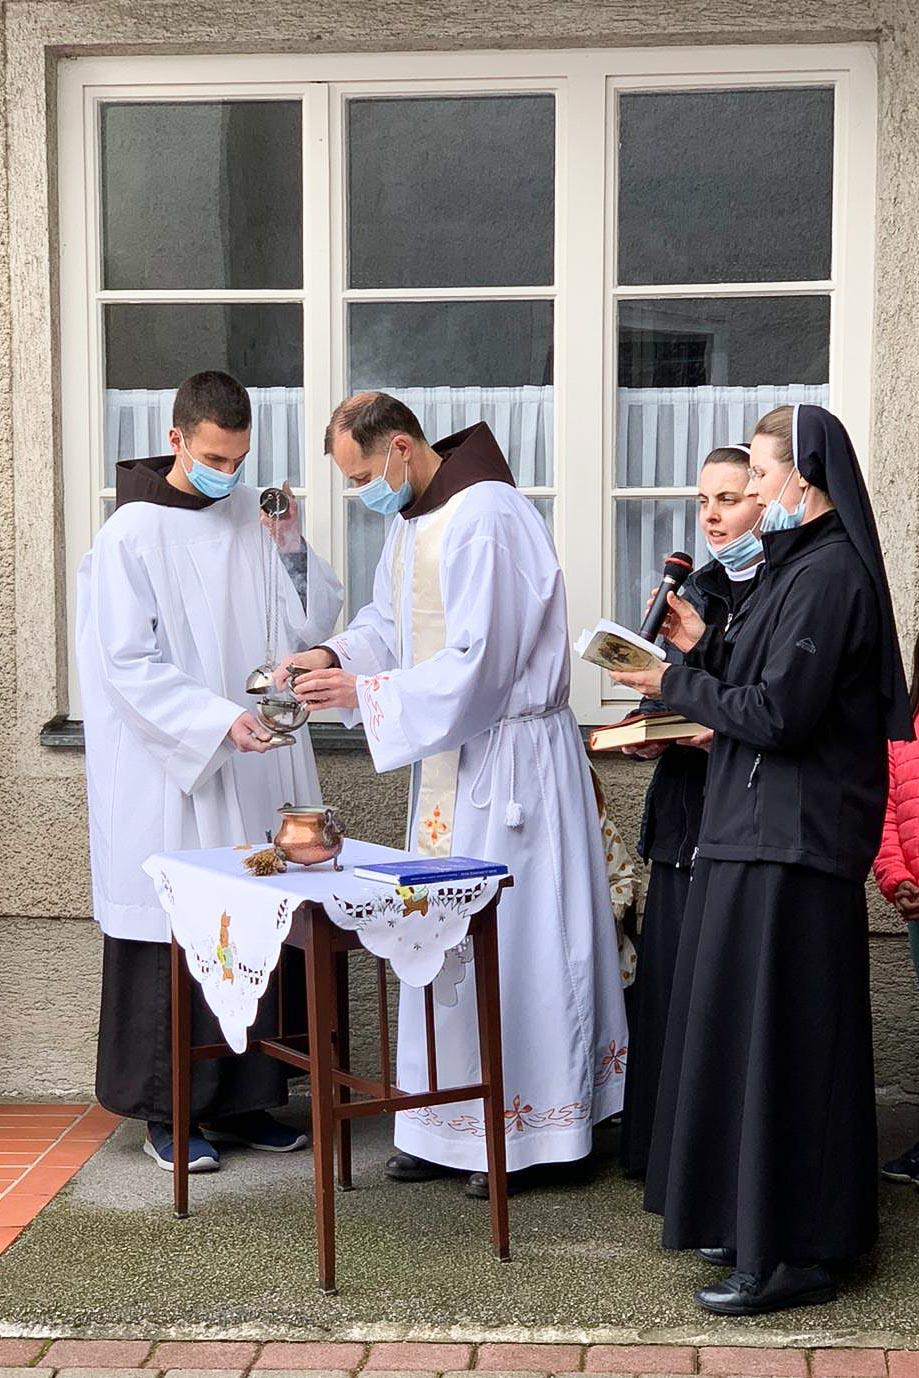 Spm-20210403-uskrsni-blagoslov-jela-u-samostanu-sv-ivana-krstitelja-u-samoboru-005